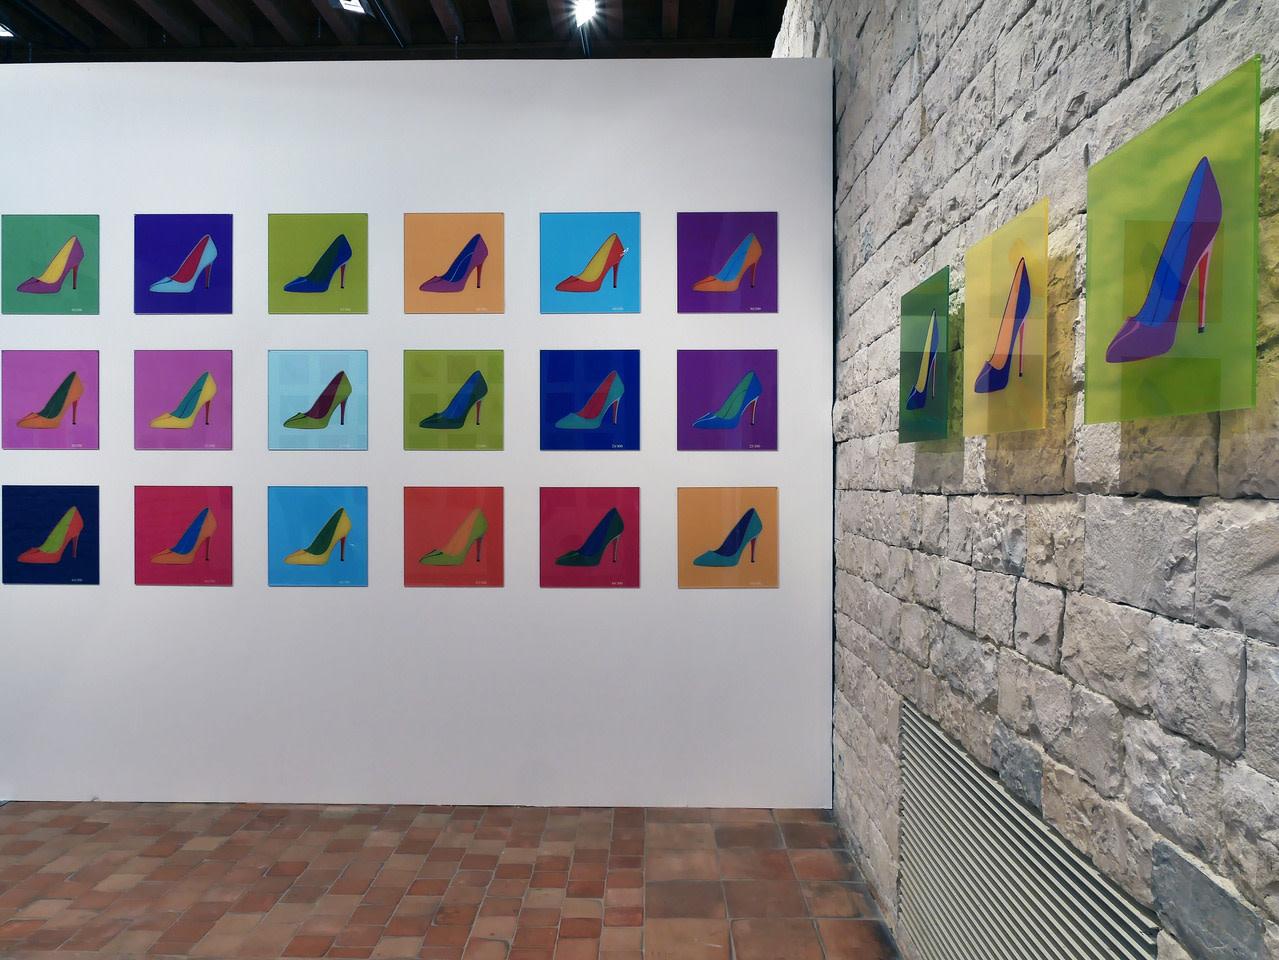 """<span class=""""link fancybox-details-link""""><a href=""""/exhibitions/19/works/artworks2178/"""">View Detail Page</a></span><div class=""""artist""""><strong>Nicolas Saint Grégoire</strong></div><div class=""""title""""><em>Louboutin Series</em>, 2017</div><div class=""""medium"""">Print Under Perspex</div><div class=""""dimensions"""">Each artwork: 40 x 40 cm<br>Each artwork: 15 3/4 x 15 3/4 in.</div><div class=""""edition_details"""">Edition of 100</div>"""